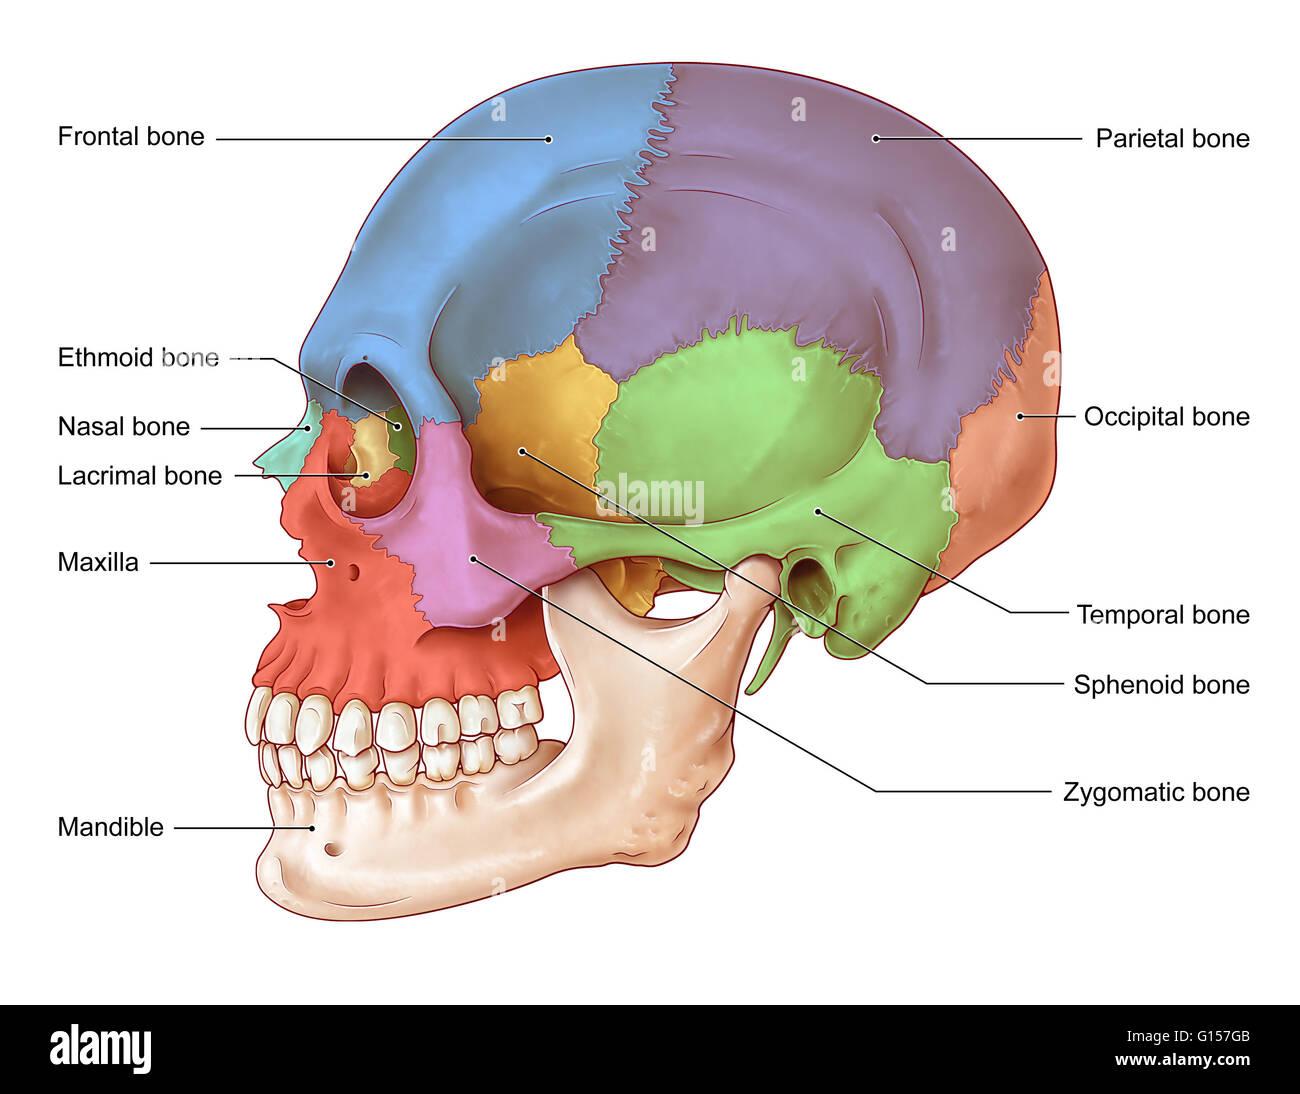 Ethmoid Bone Stockfotos & Ethmoid Bone Bilder - Alamy